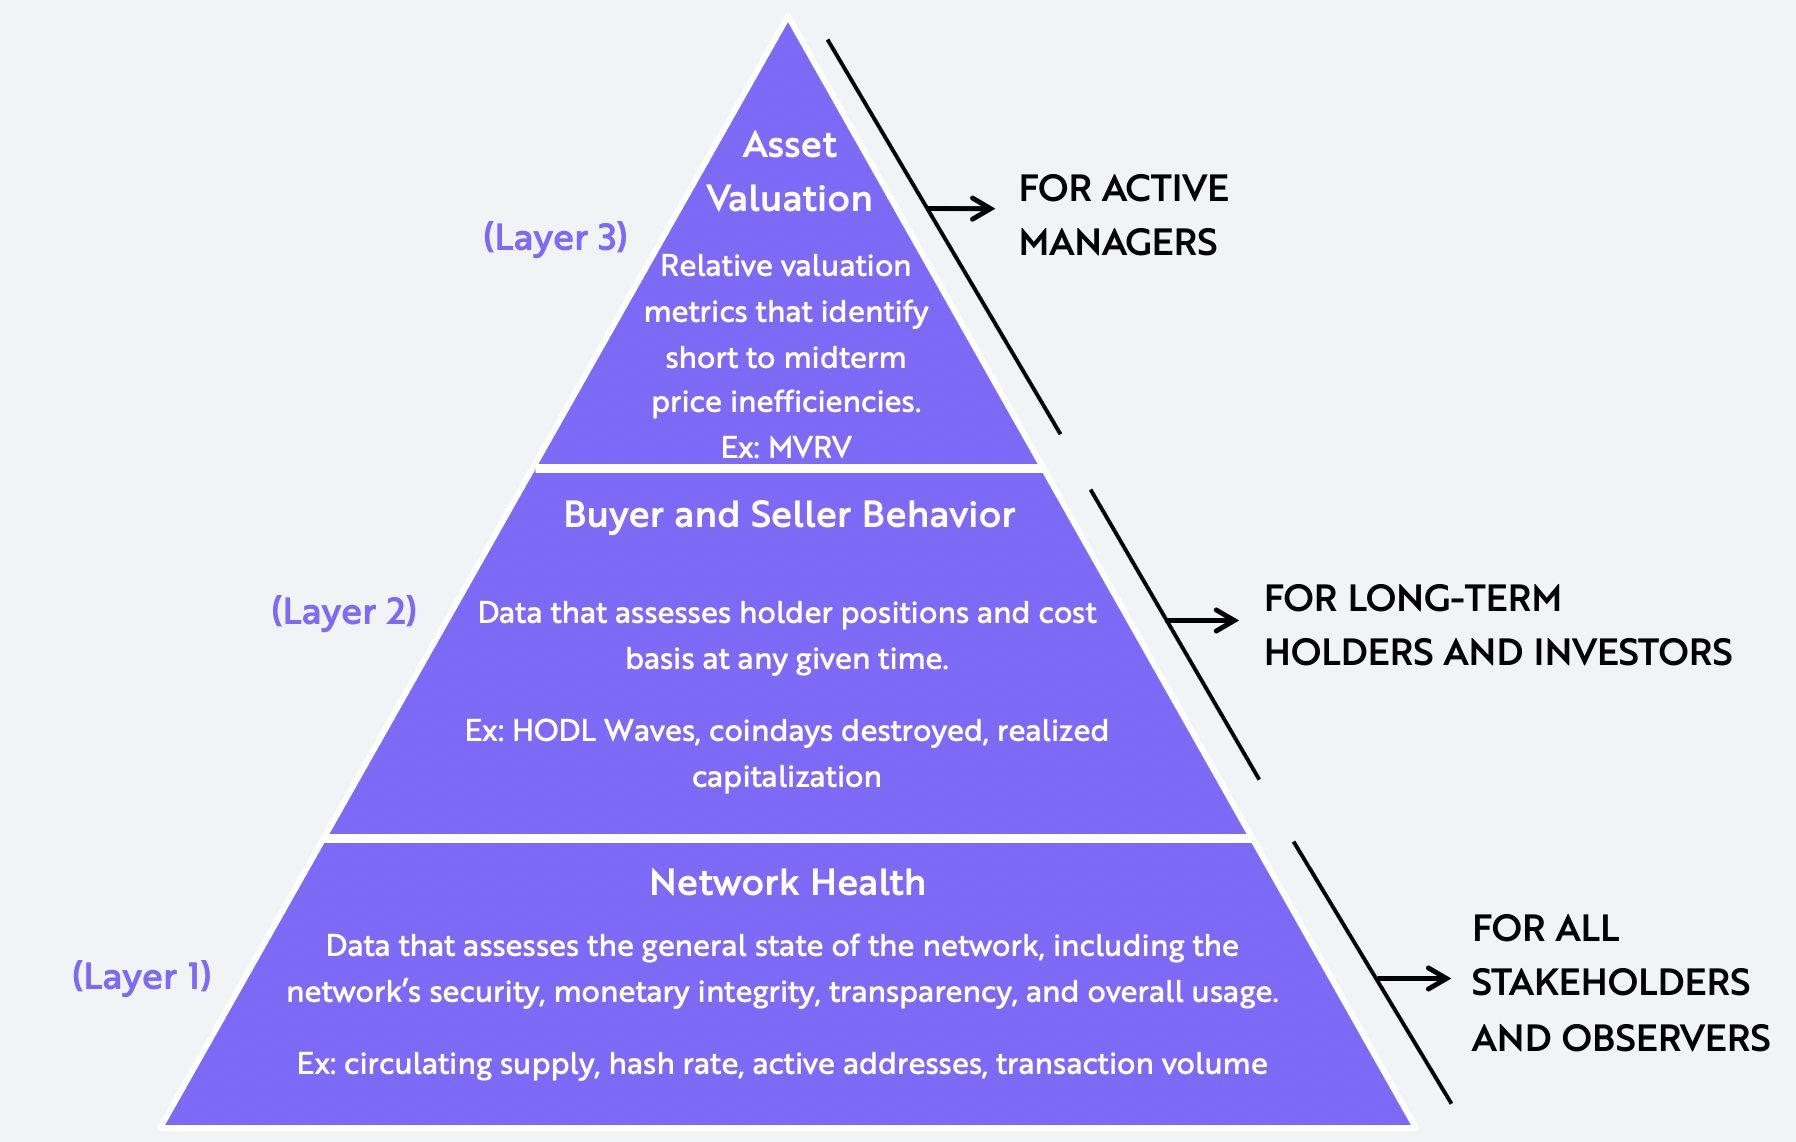 La Transparencia de Bitcoin facilita su análisis y la toma de decisiones de inversión: FINCEN.